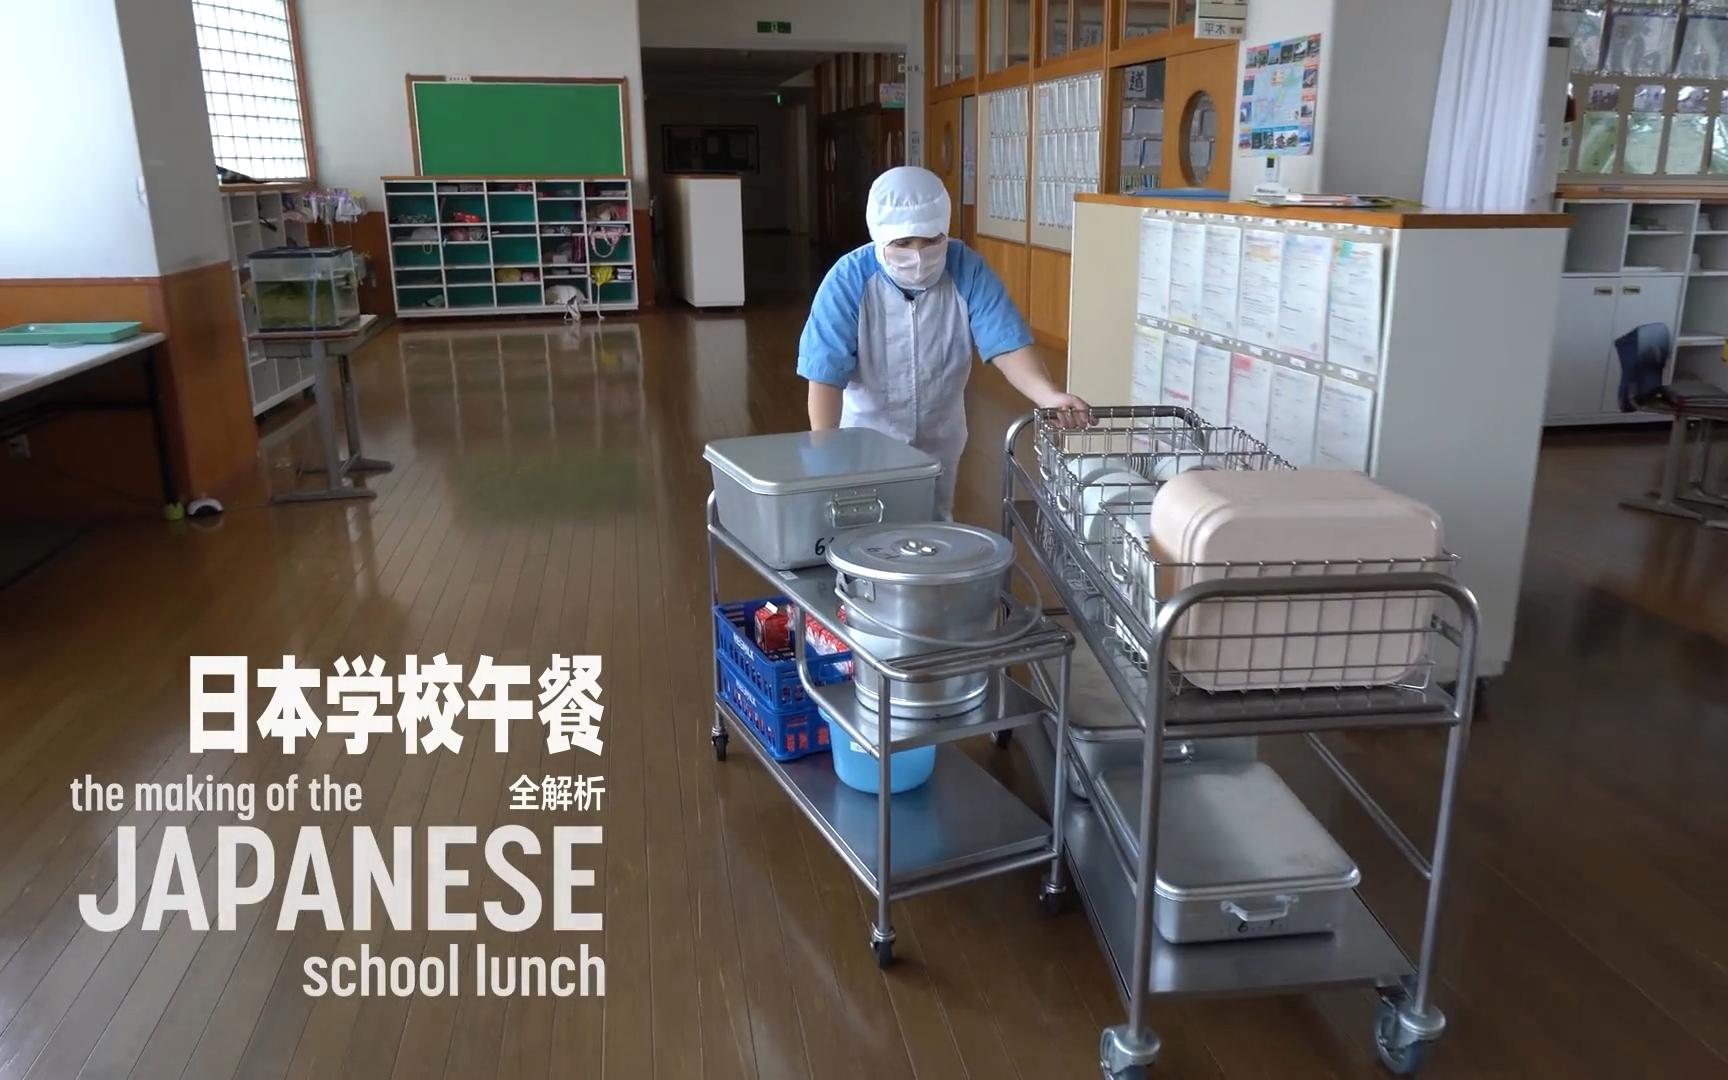 【纪录片】日本学校午餐全解析【1080p】【双语特效字幕】【纪录片之家字幕组】